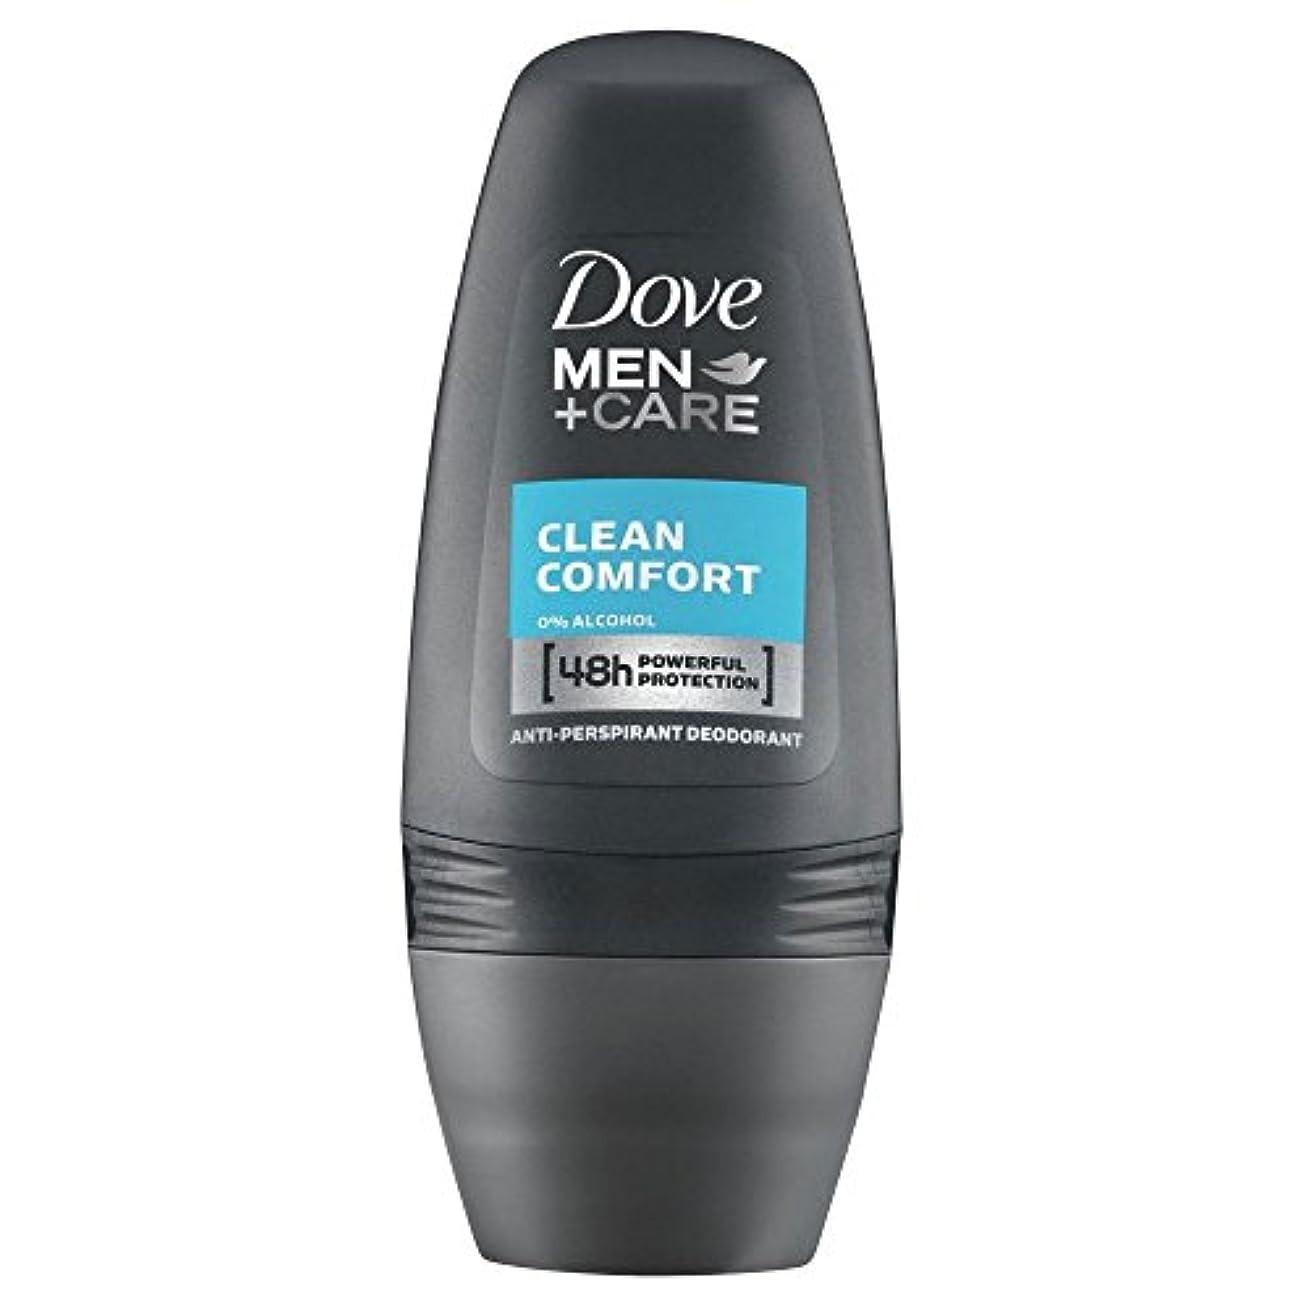 受け入れるラリーベルモント国籍Dove Men + Care Antiperspirant Deodorant - Clean Comfort Roll-On (50ml) クリーンコンフォートロールオン( 50ミリリットル) - 鳩の男性は制汗デオドラントケア...